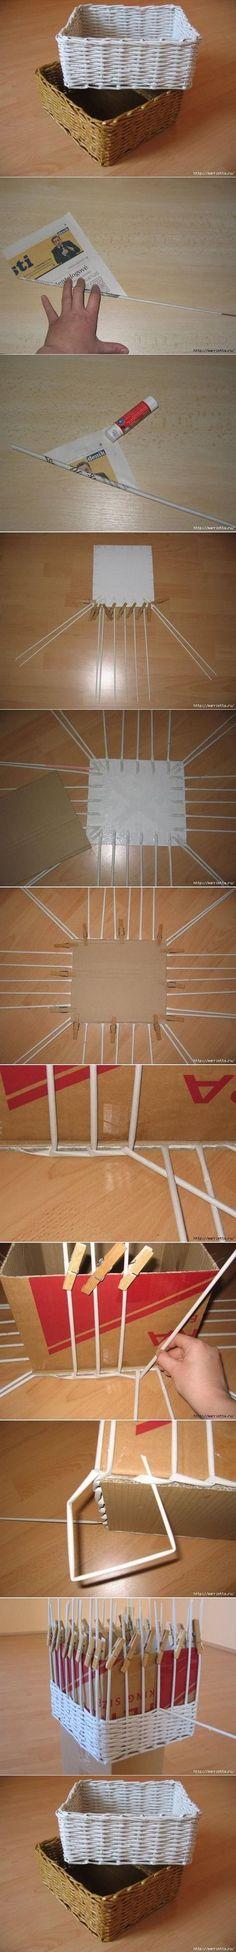 paper basket: